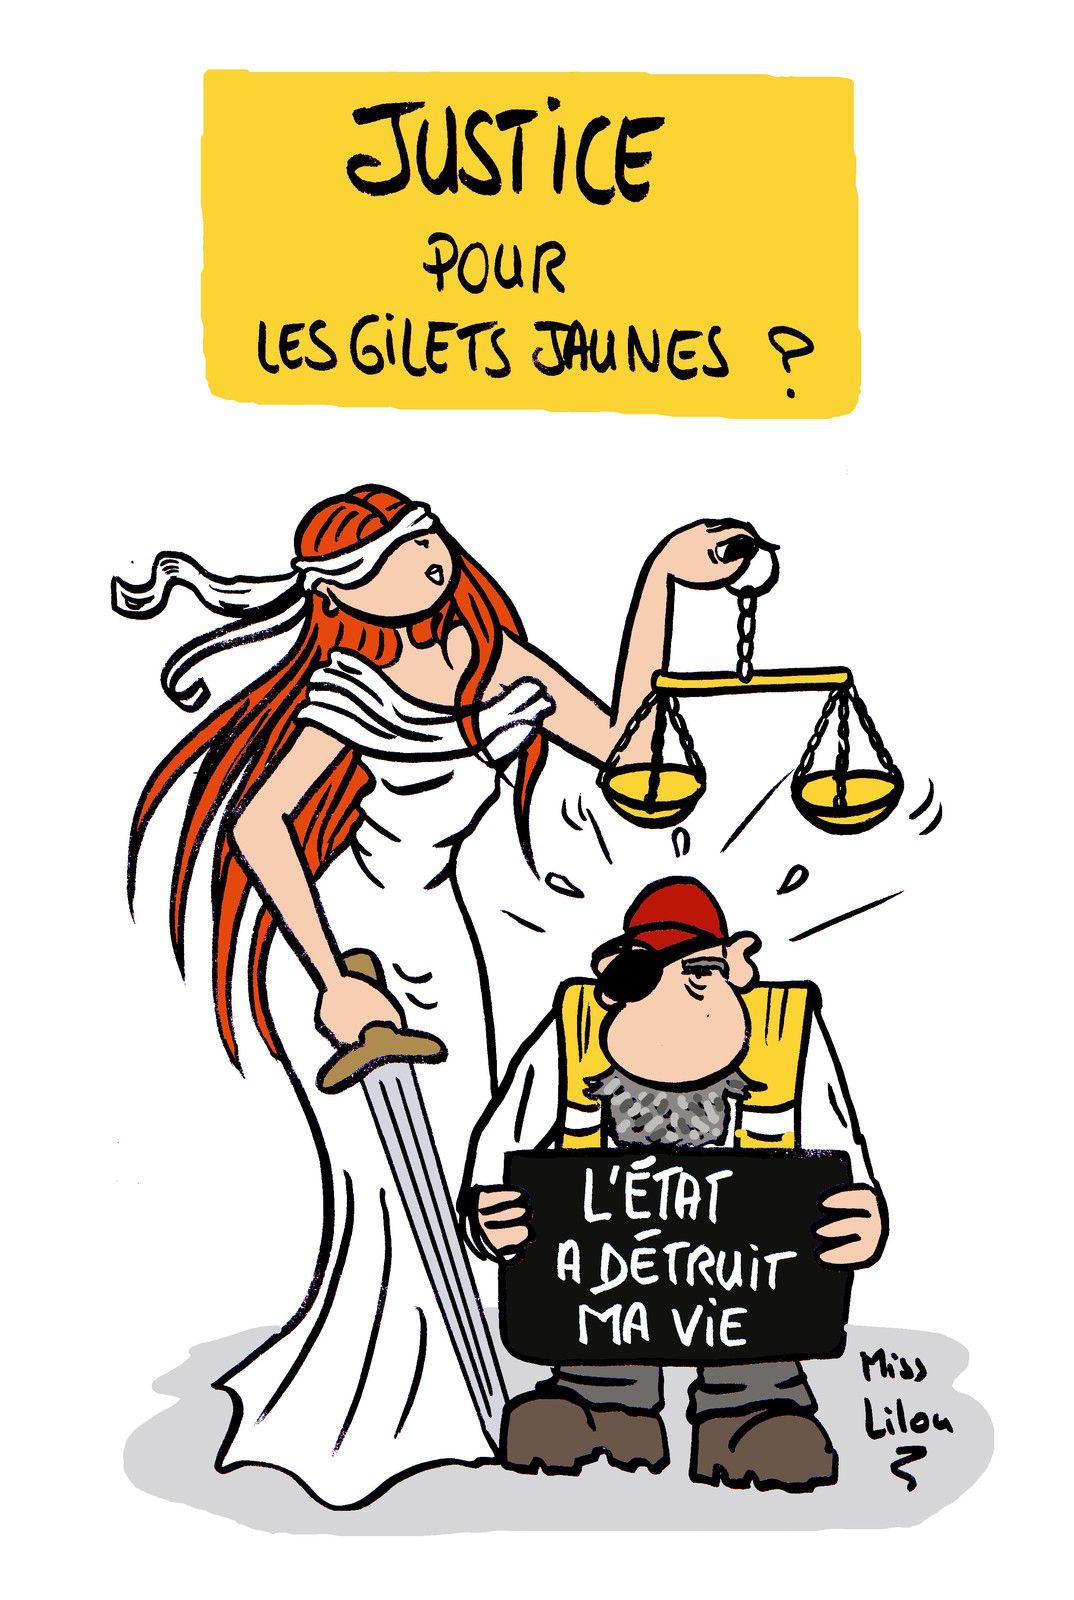 Justice pour les gilets jaunes ?